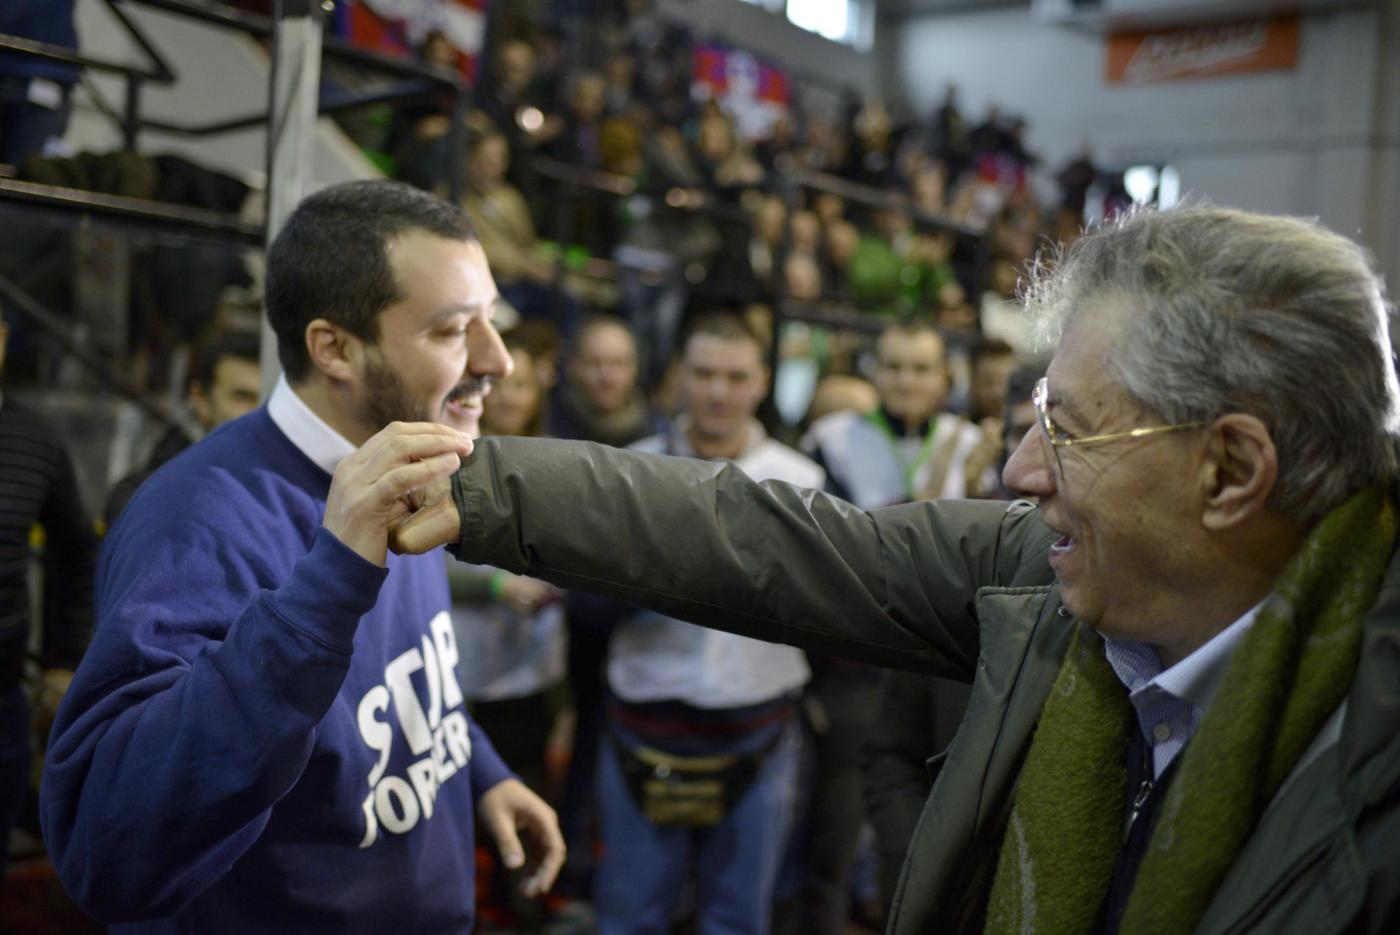 Bossi scarica Salvini: 'A base Lega Nord non frega niente dell'Italia'